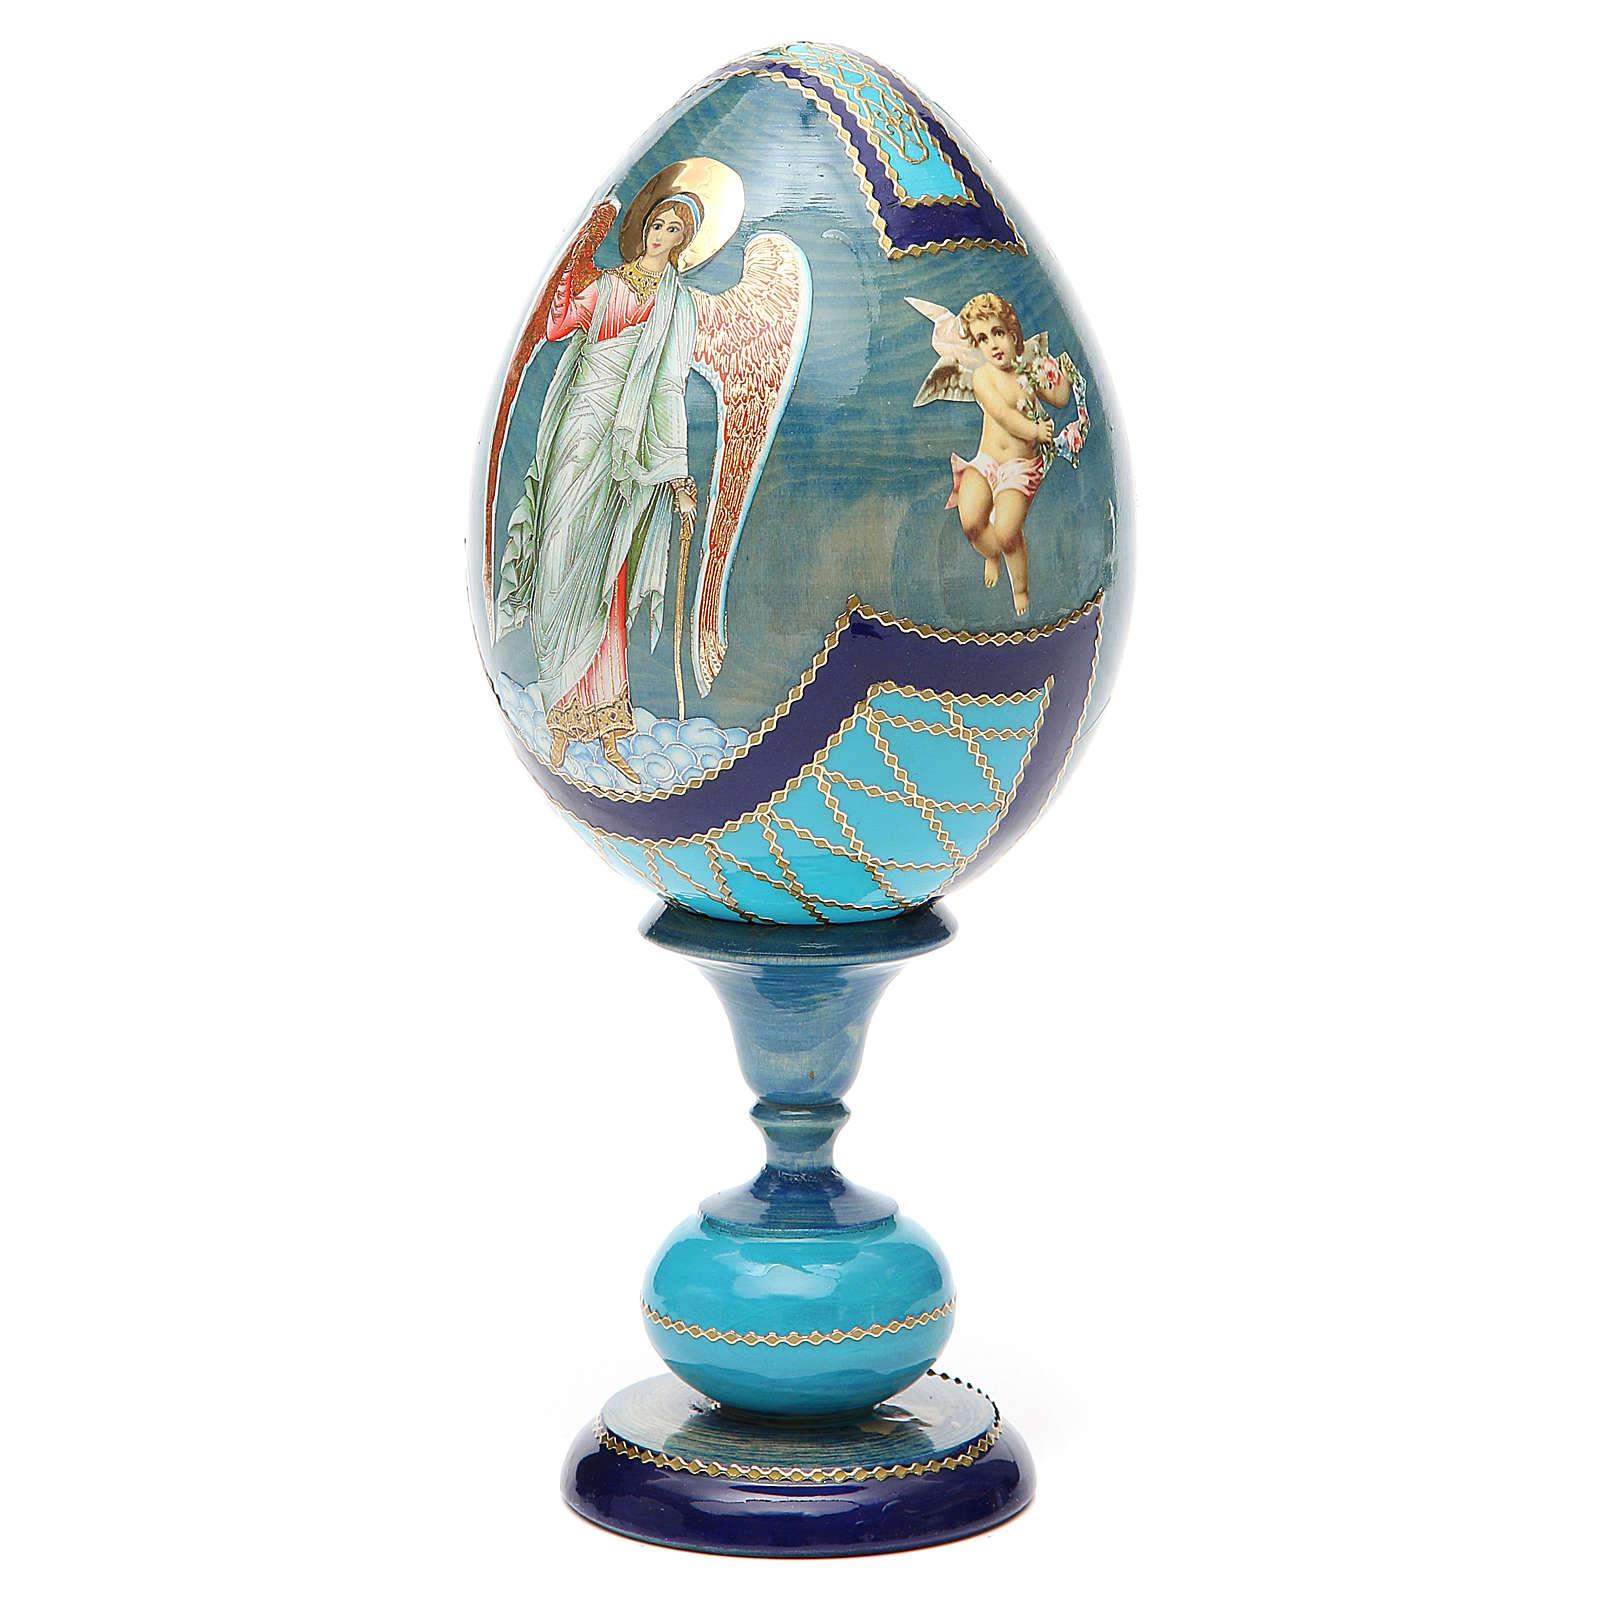 Russian Egg Angel découpage, Fabergè style 20cm 4